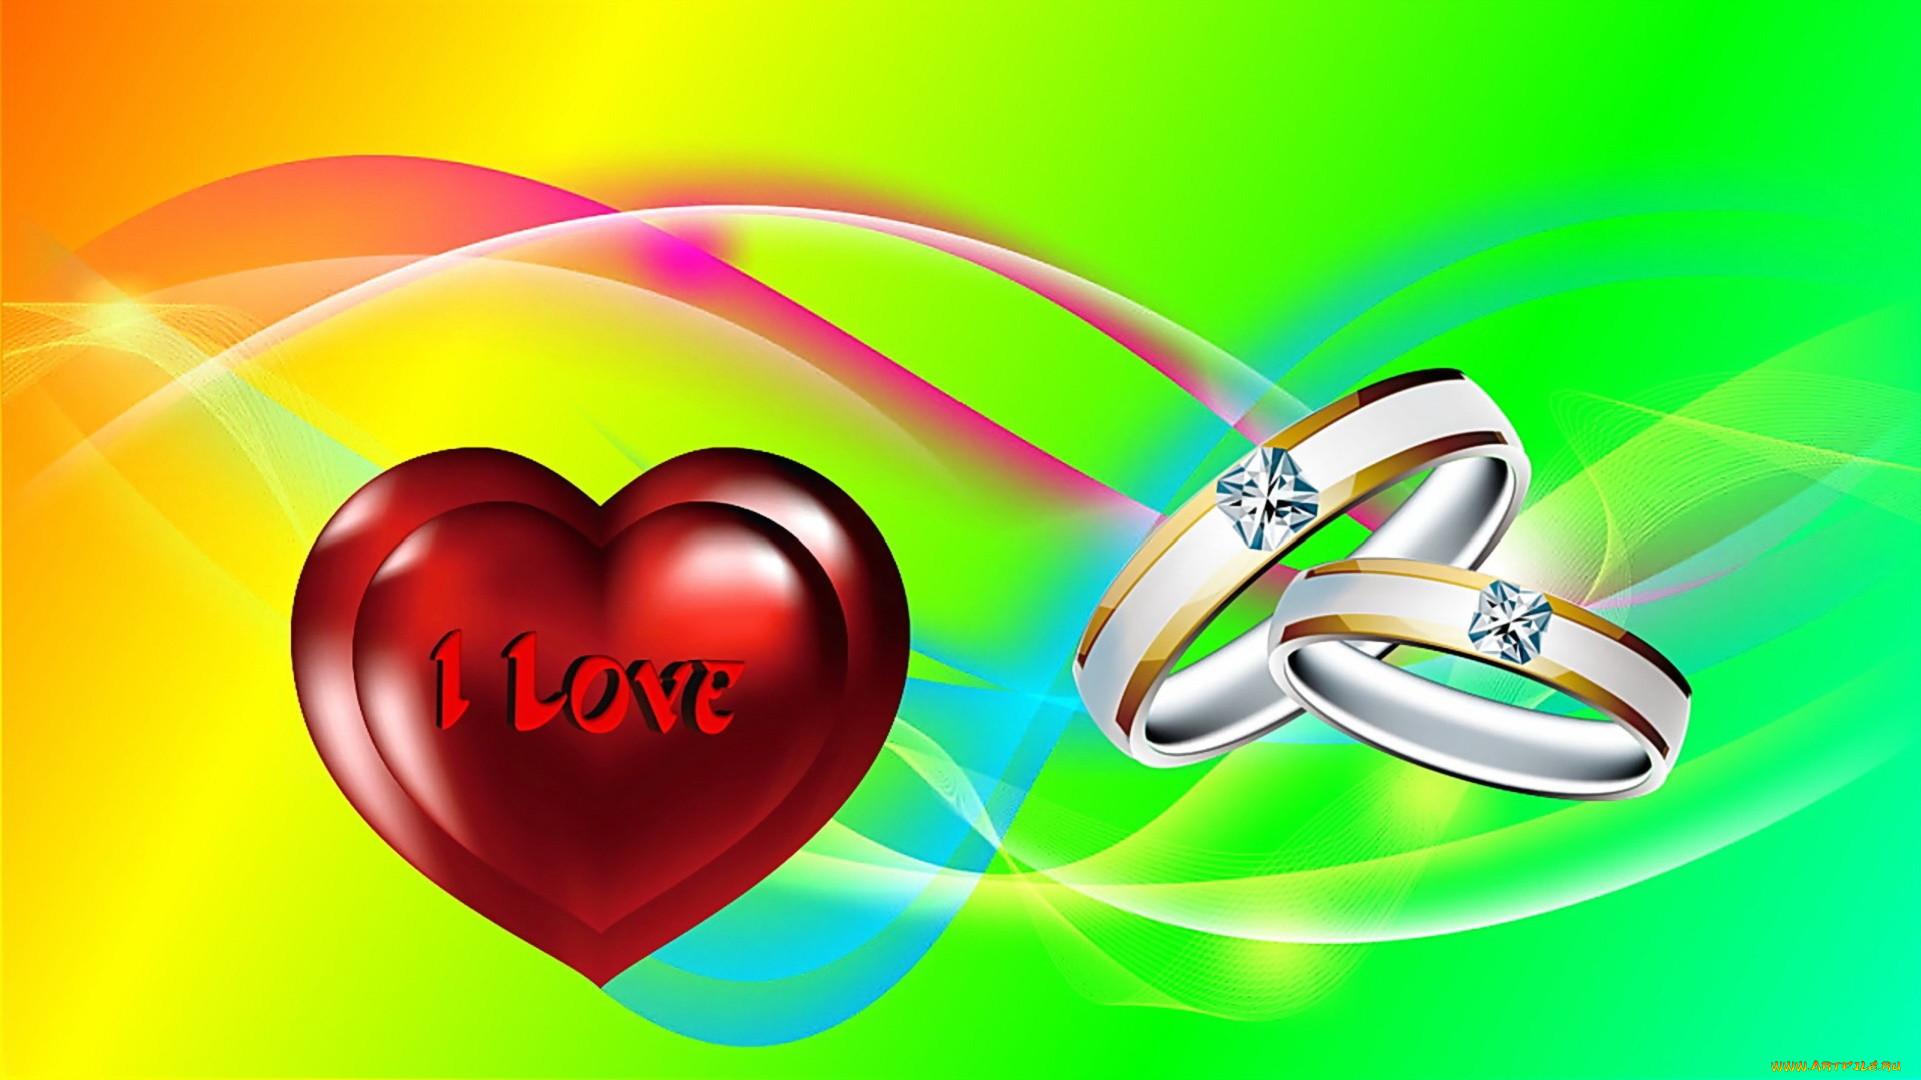 картинки кольца и сердечки нужно ехать одному